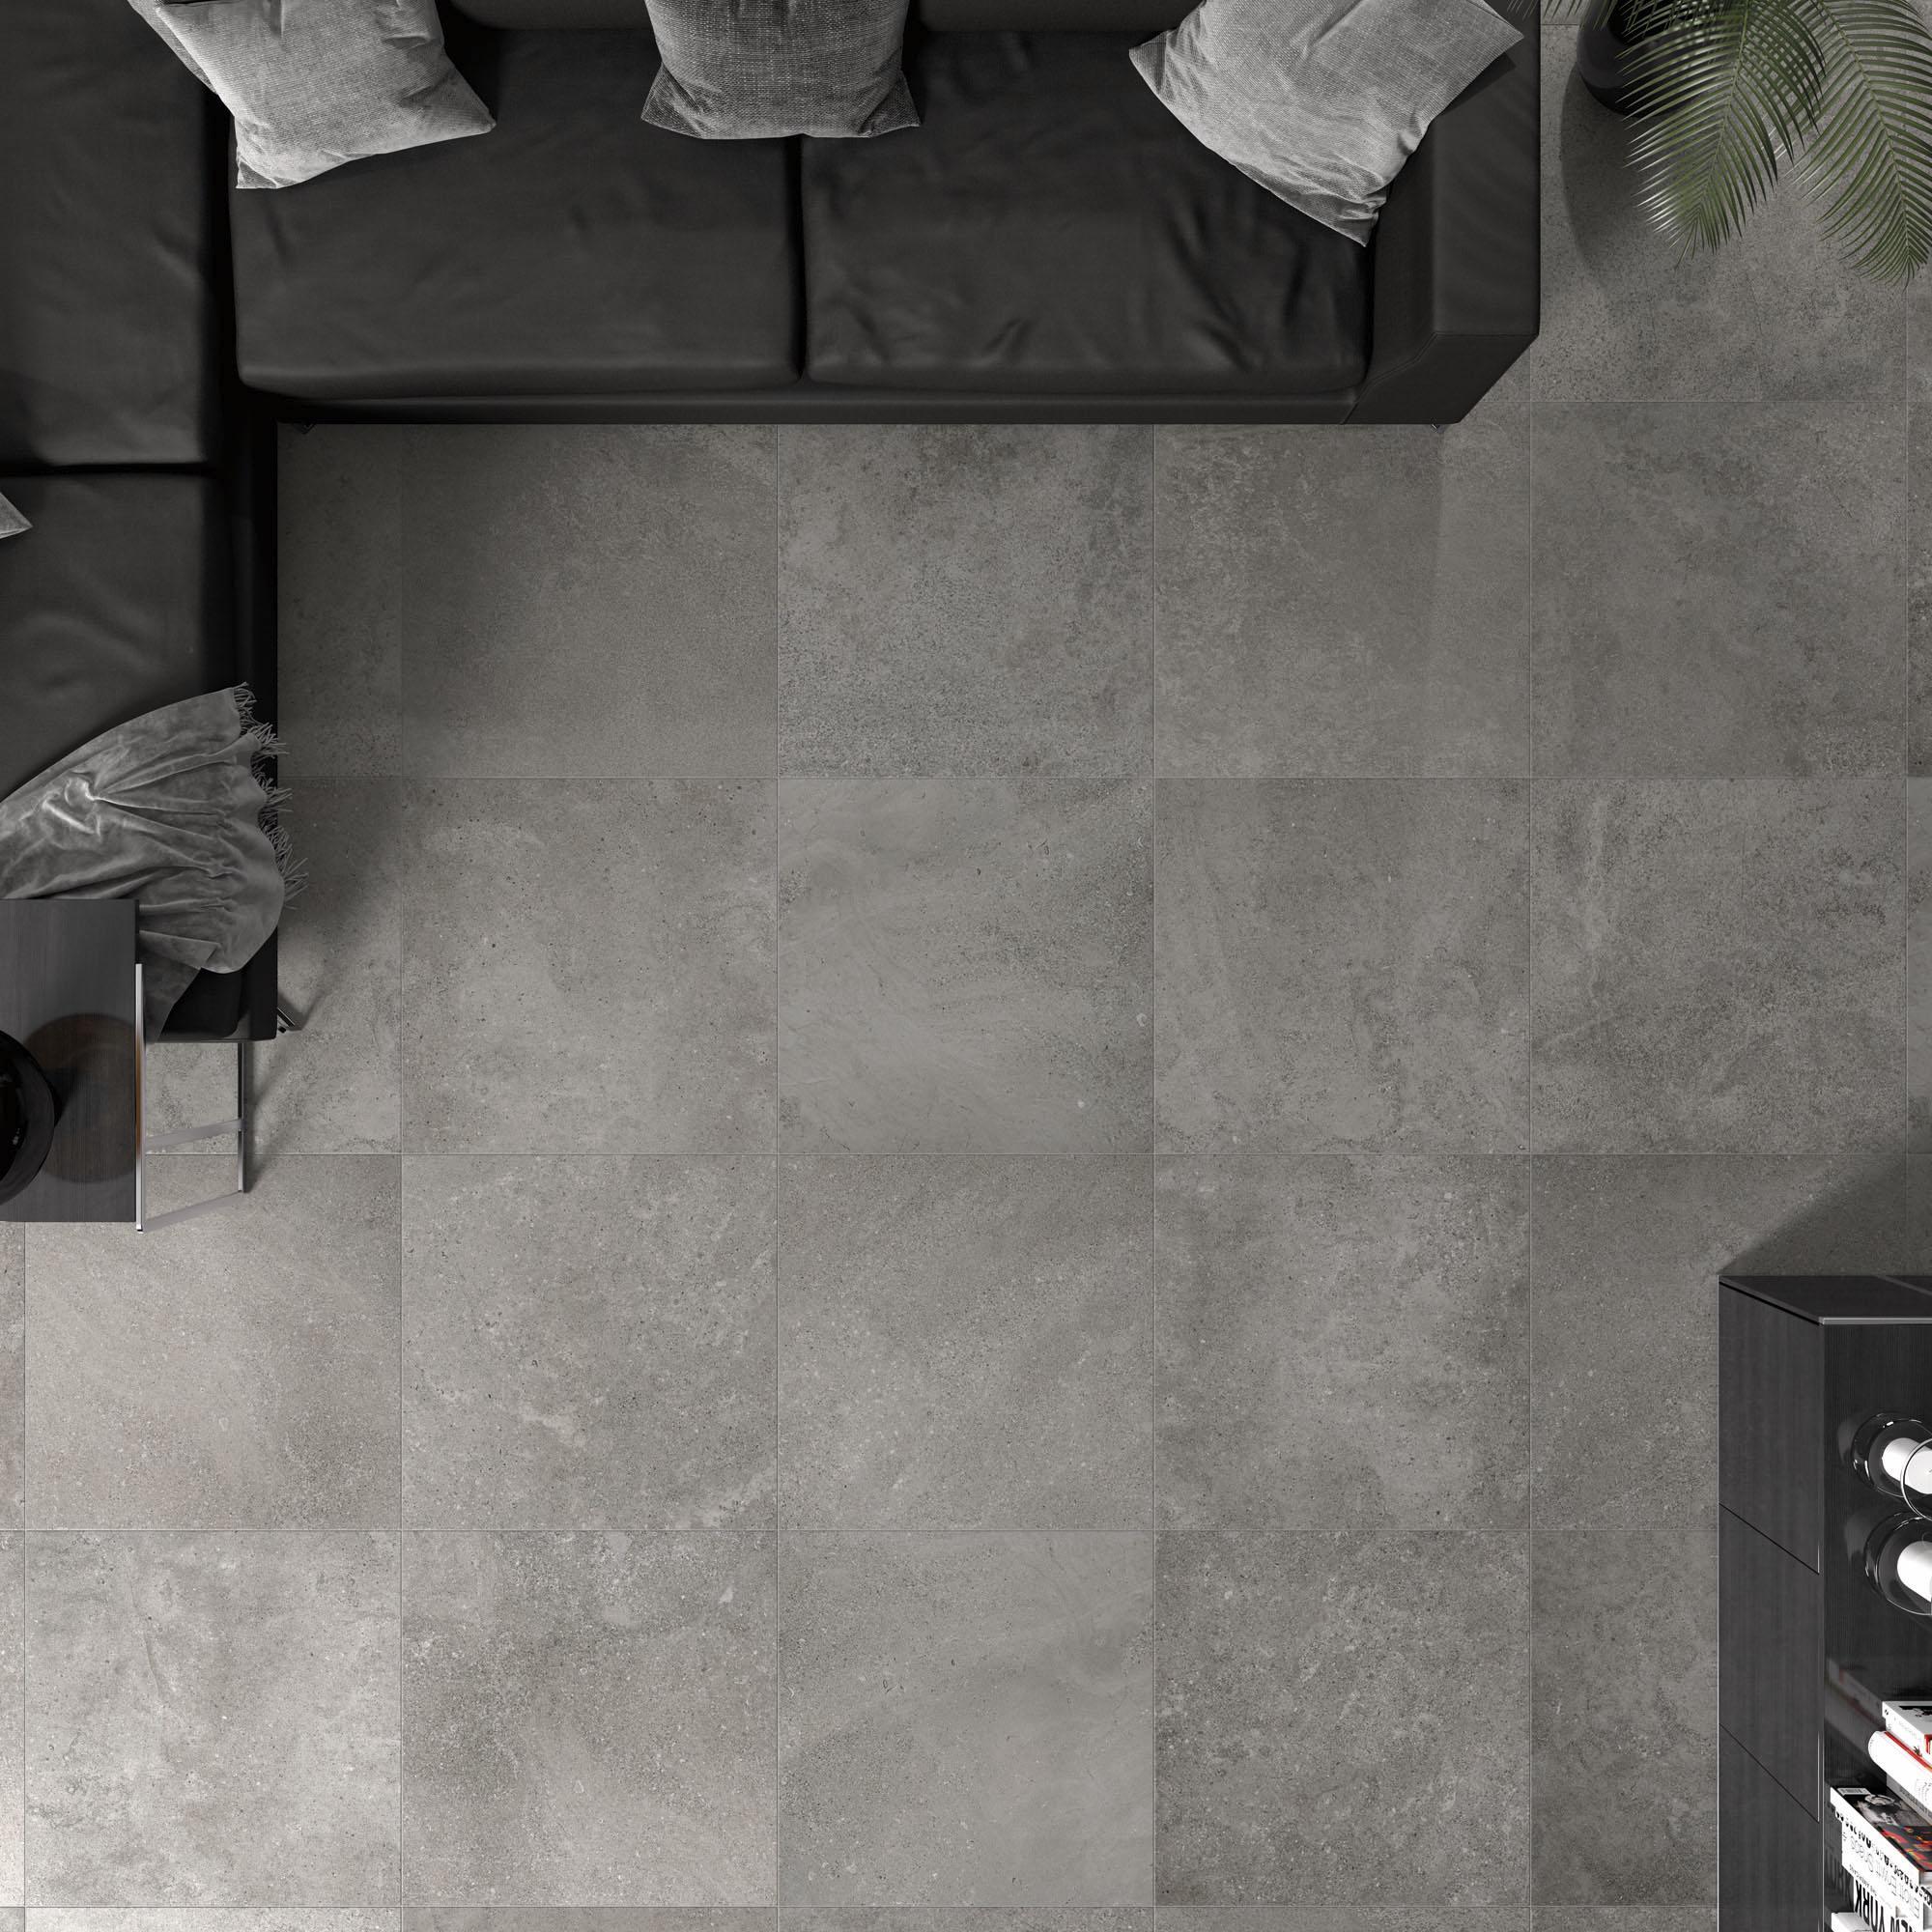 Klinker Arredo Urban Stone Grey 60x60 cm